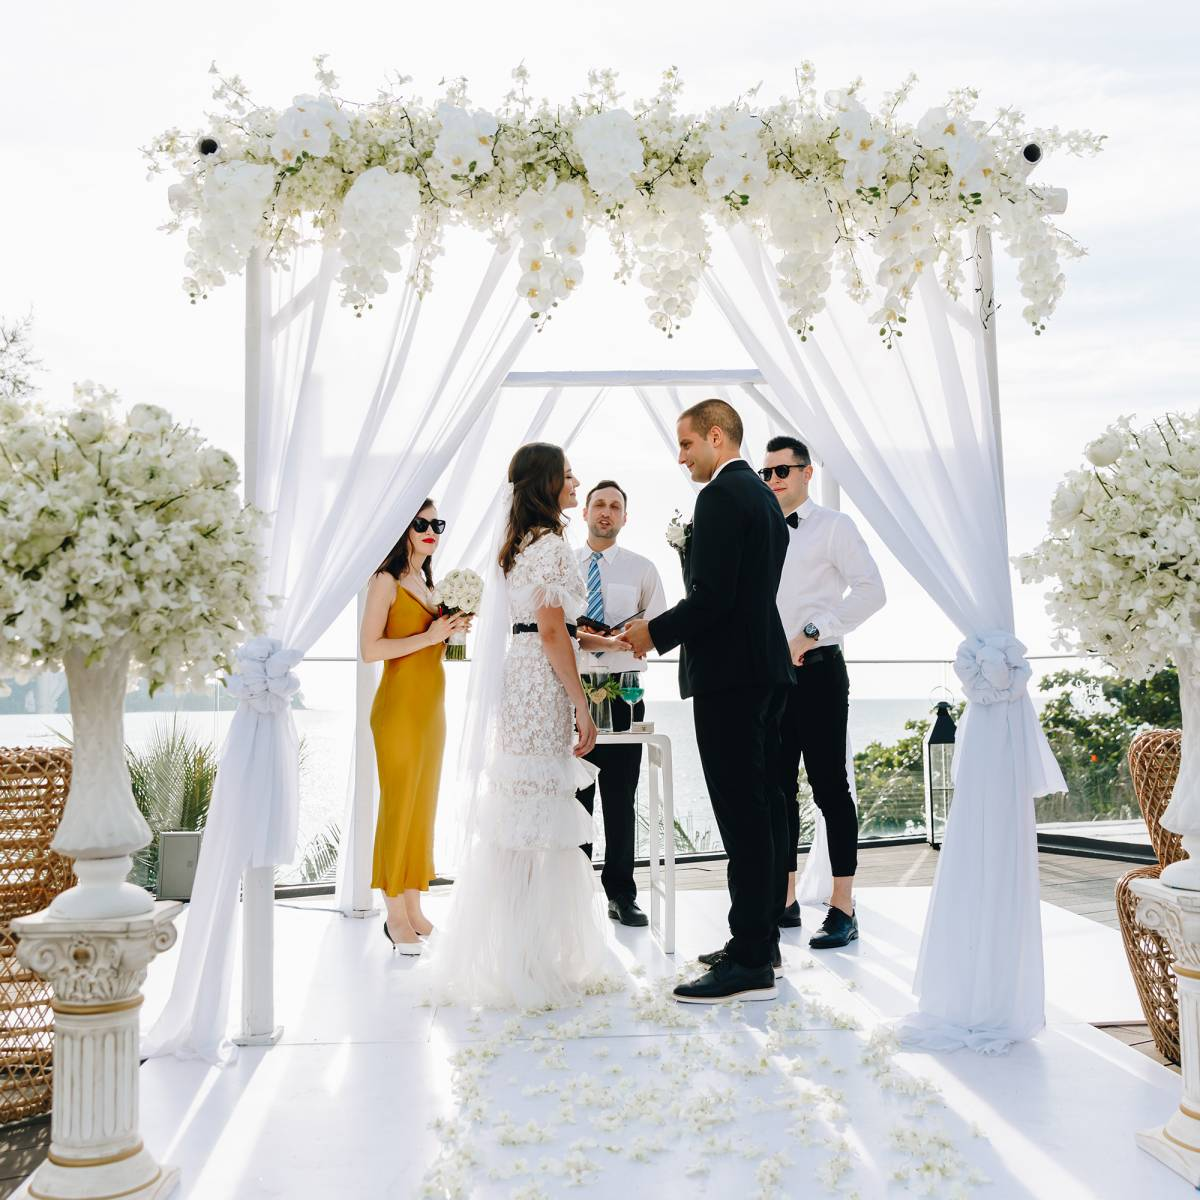 Luxury wedding at Novotel Phuket Kamala Beach